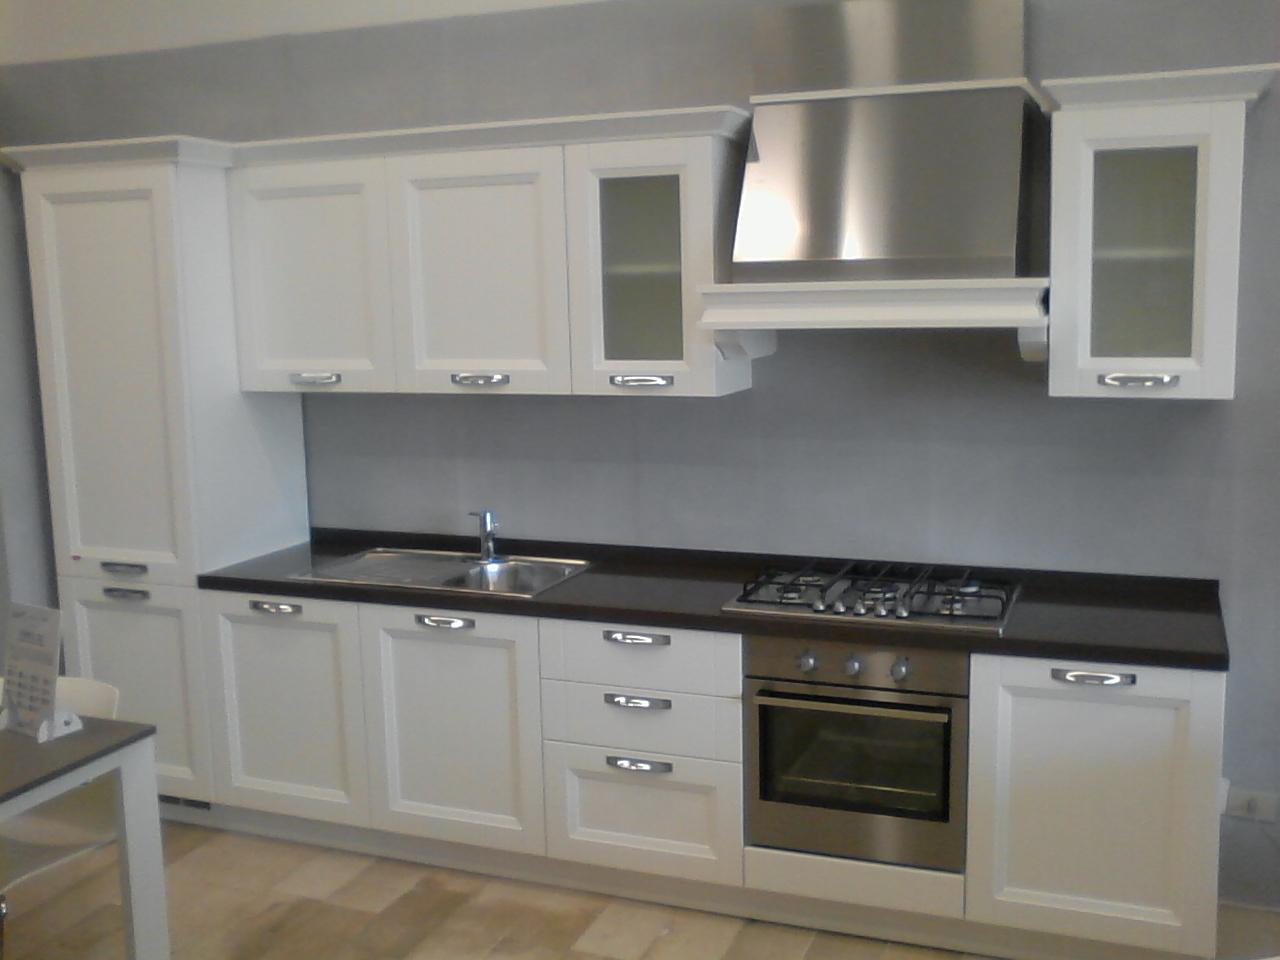 Vismap cucina giulia frassino laccato bianco classica - Cucine bianche e legno ...